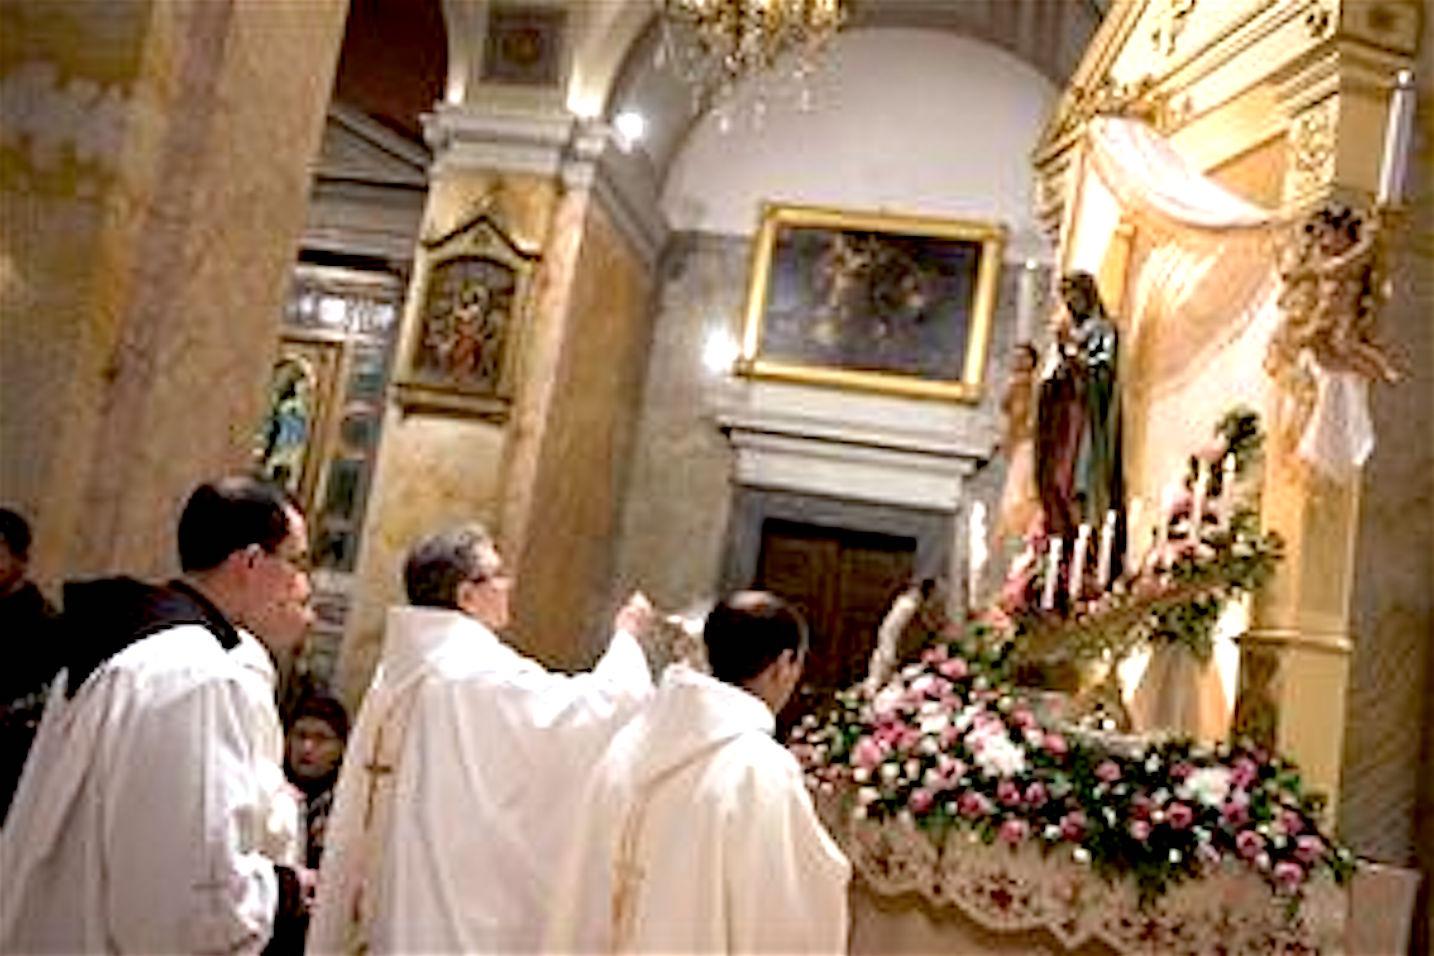 Devoción en Jerusaleén a Nuestra Señora de Guadalupe .jpg